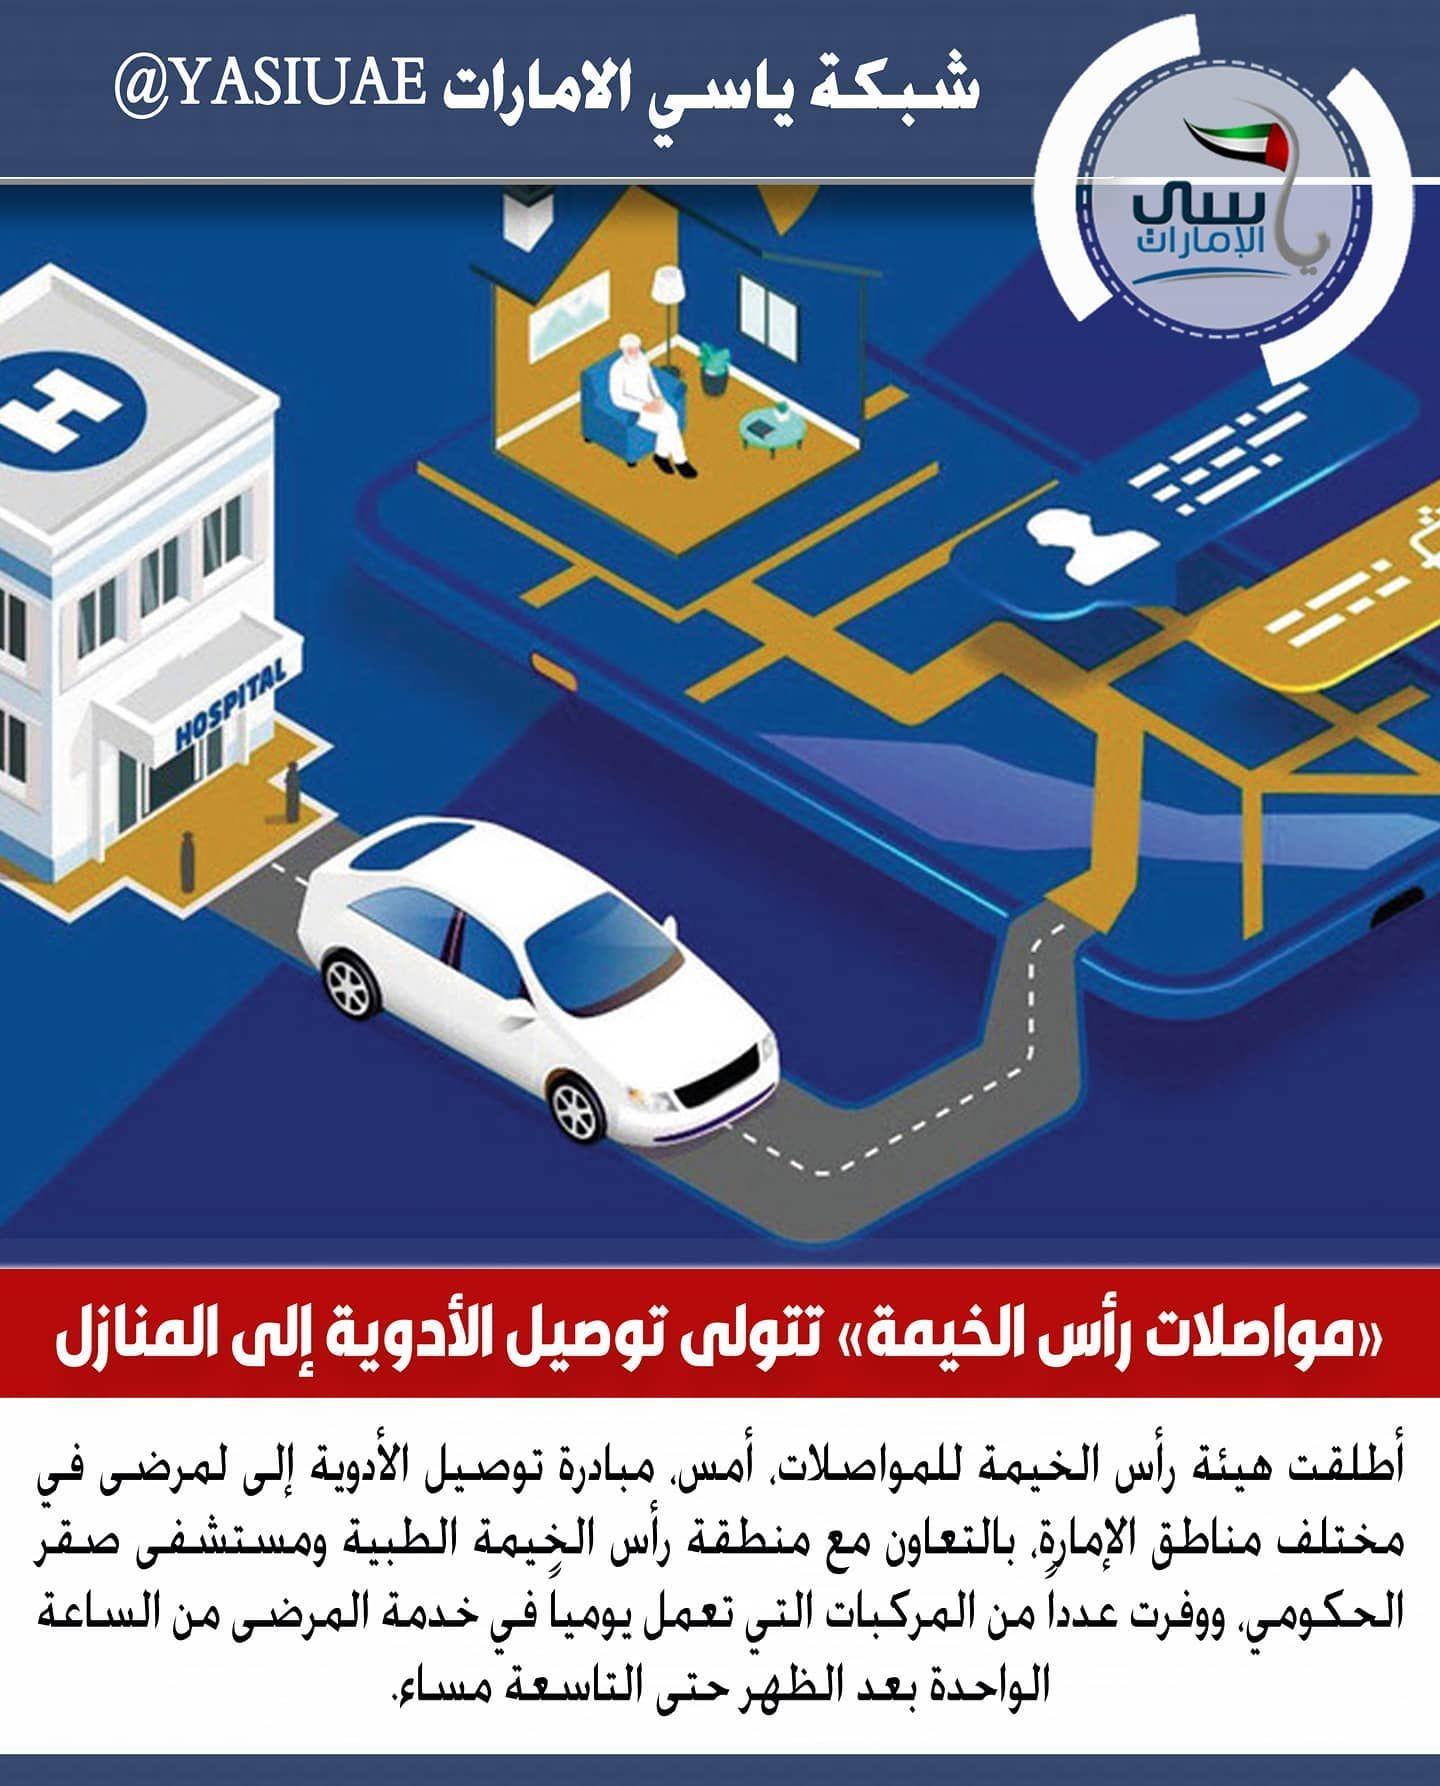 اعلان مواصلات رأس الخيمة تتولى توصيل الأدوية إلى منازل المرضى شبكة ياسي الامارات شبكة ياسي الامارات الاخبارية